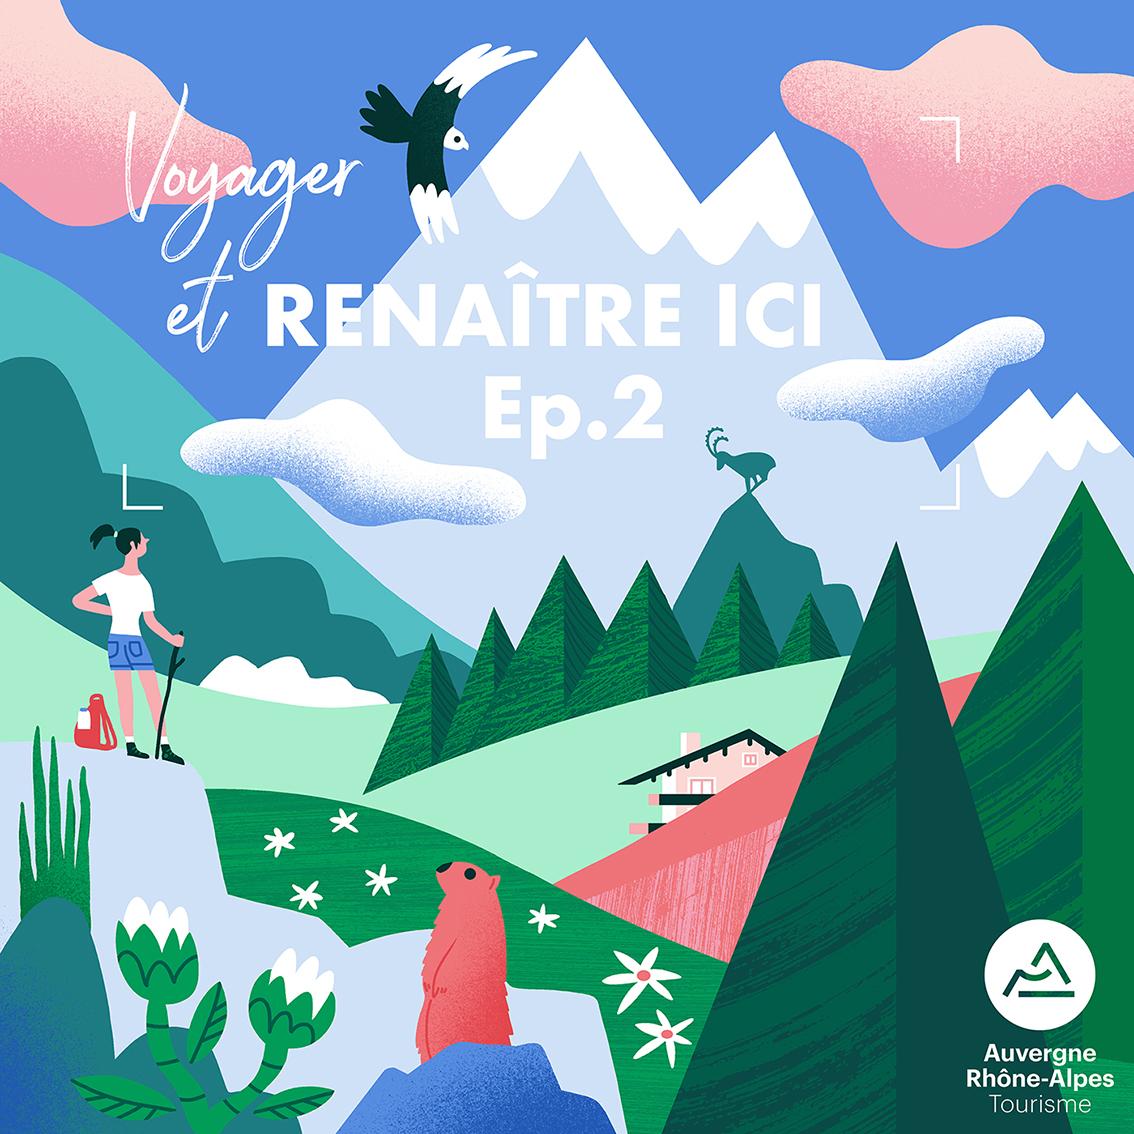 Voyager et Renaître ici, le podcast de la région Auvergne-Rhône-Alpes